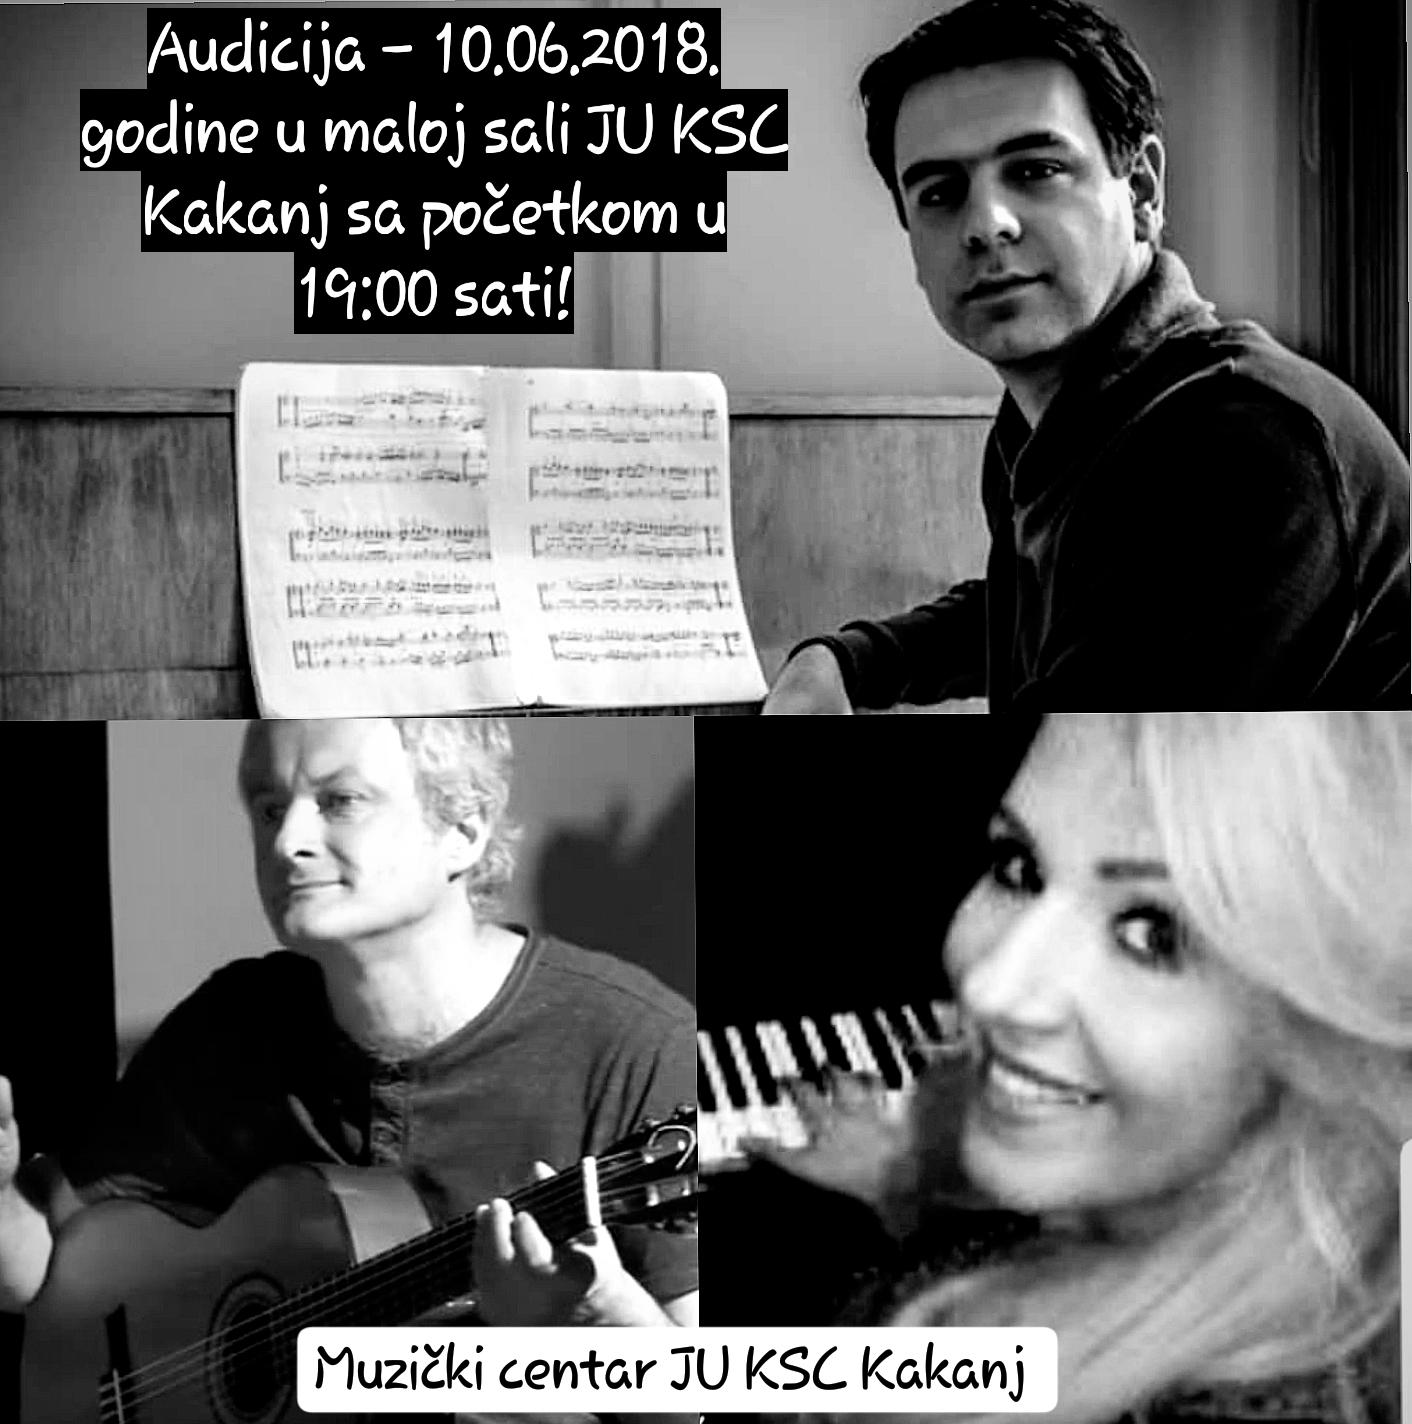 Muzički centar JU KSC Kakanj / Audicija u ponedjeljak 10.09.2018. godine u maloj sali